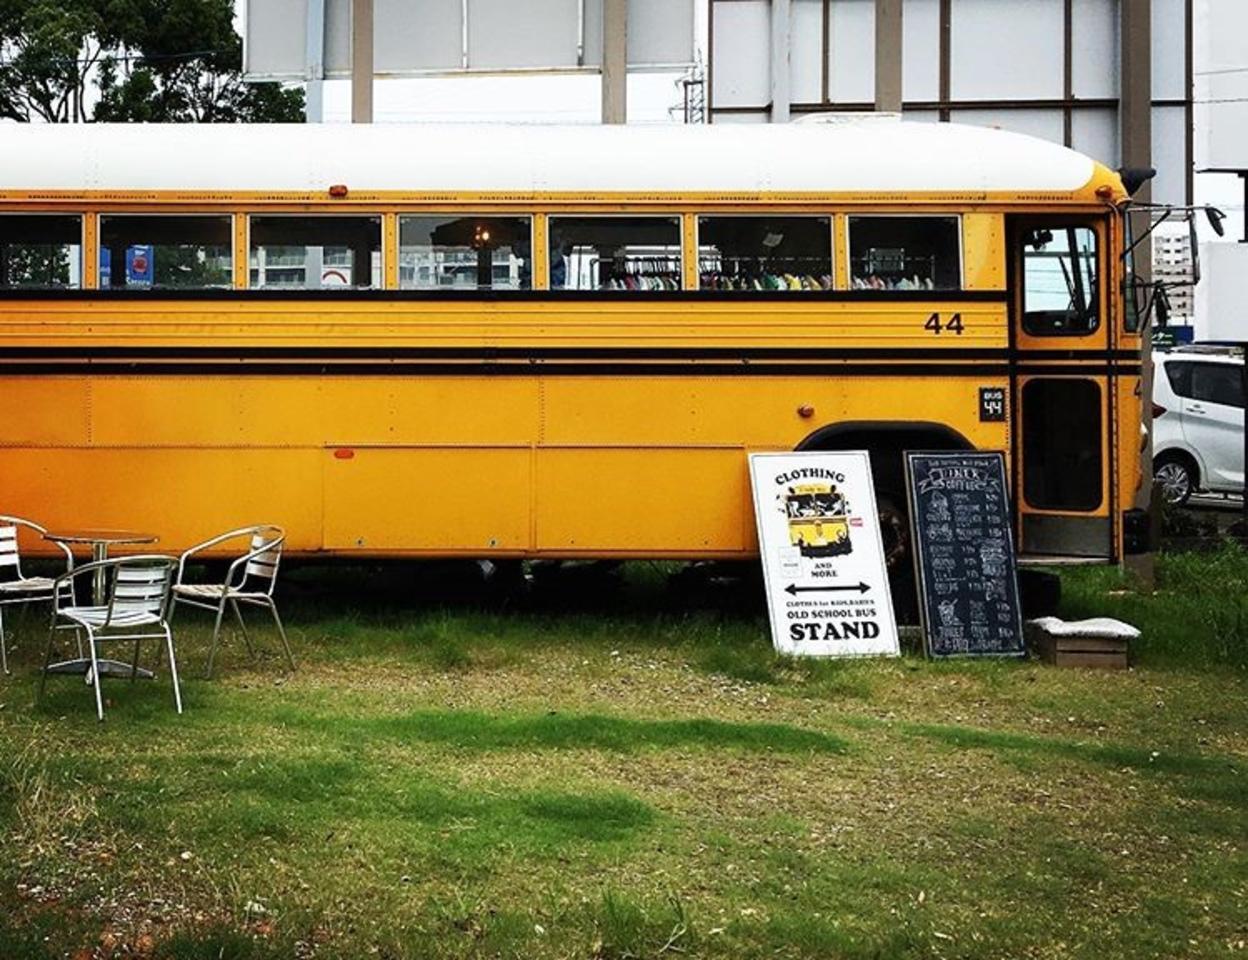 カフェ&こども服販売...福岡県糟屋郡新宮町新宮東4丁目の「オールドスクールバススタンド」